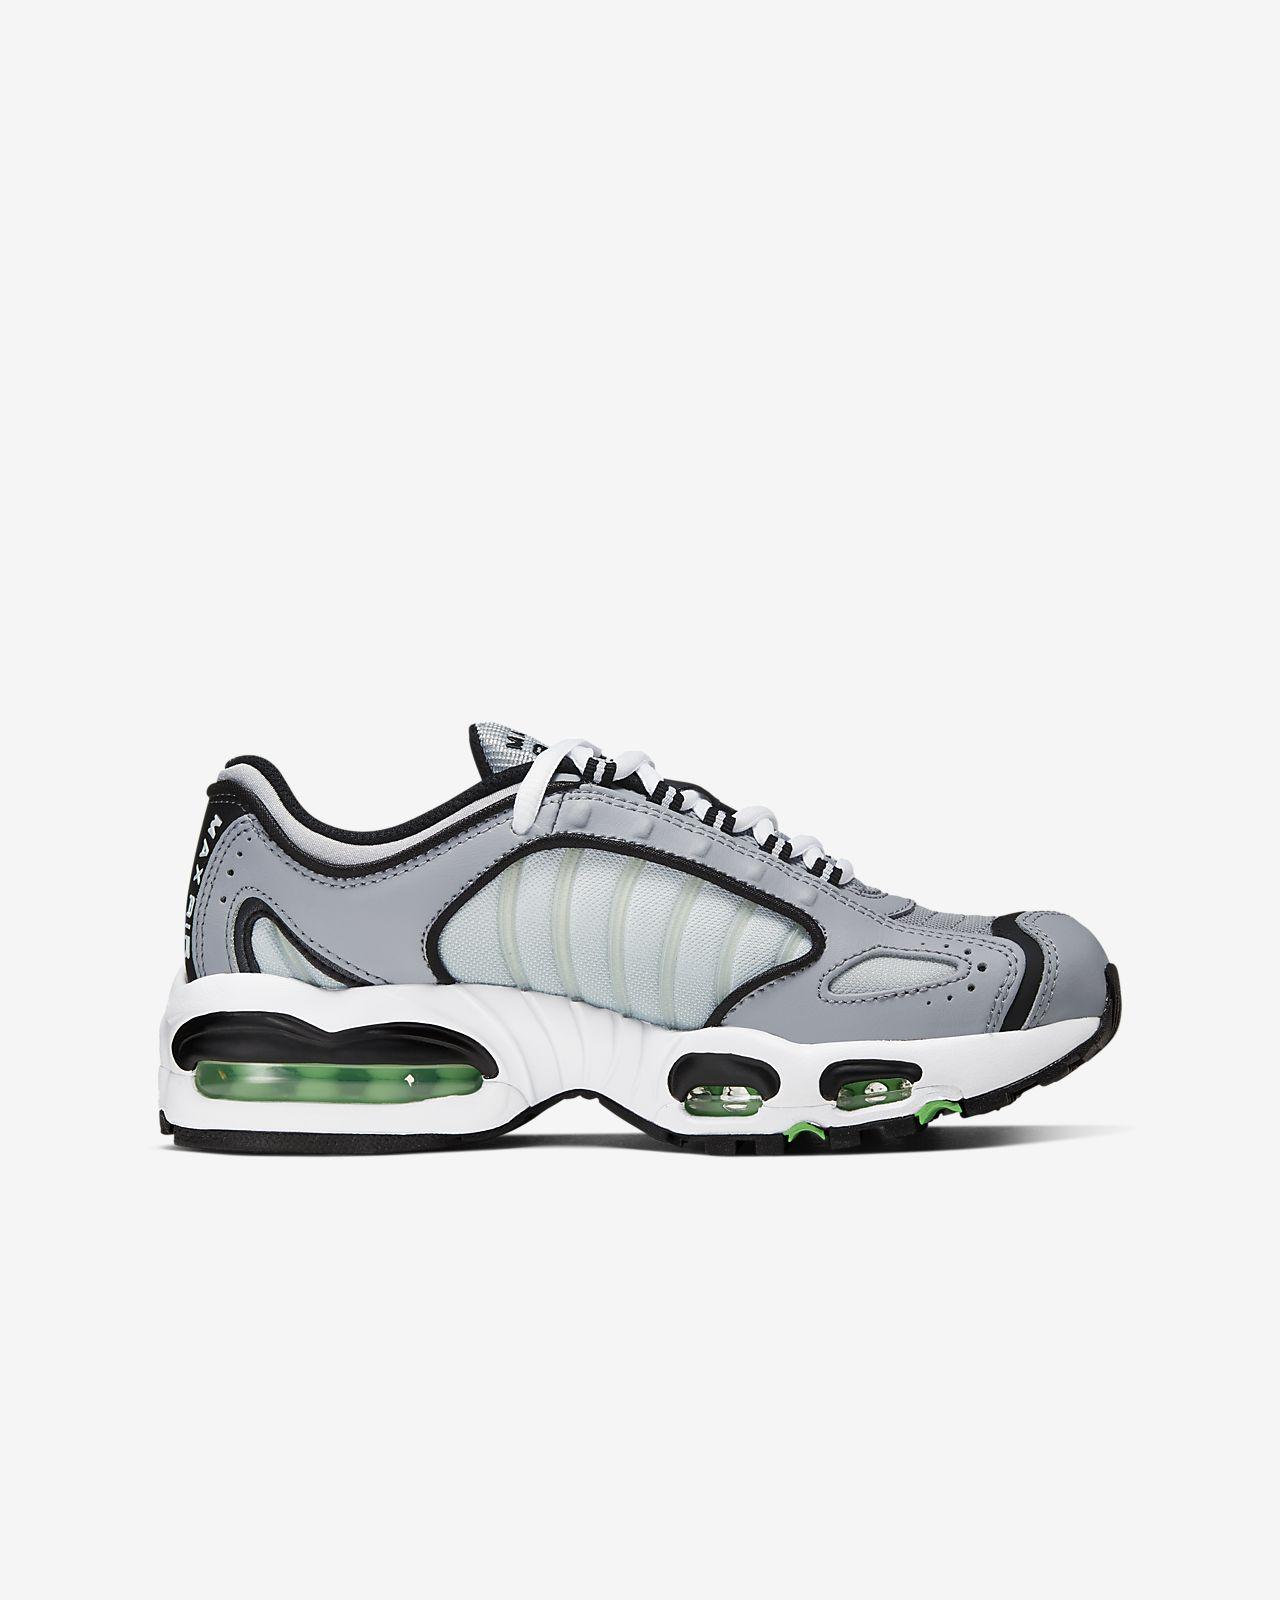 Max Air Chaussure Tailwind IV Nike Enfant plus âgé pour PkX08Onw